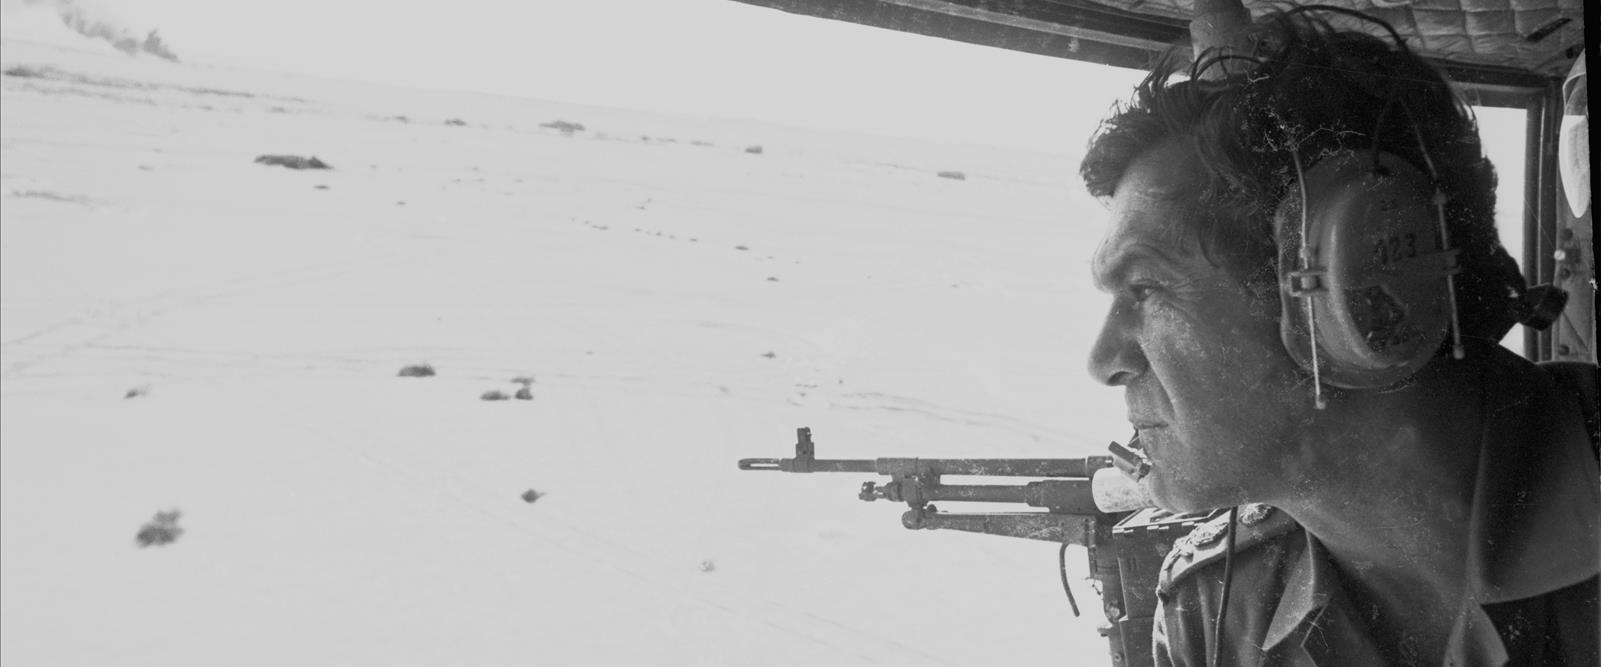 """הרמטכ""""ל דוד אלעזר במסוק בחזית סיני"""